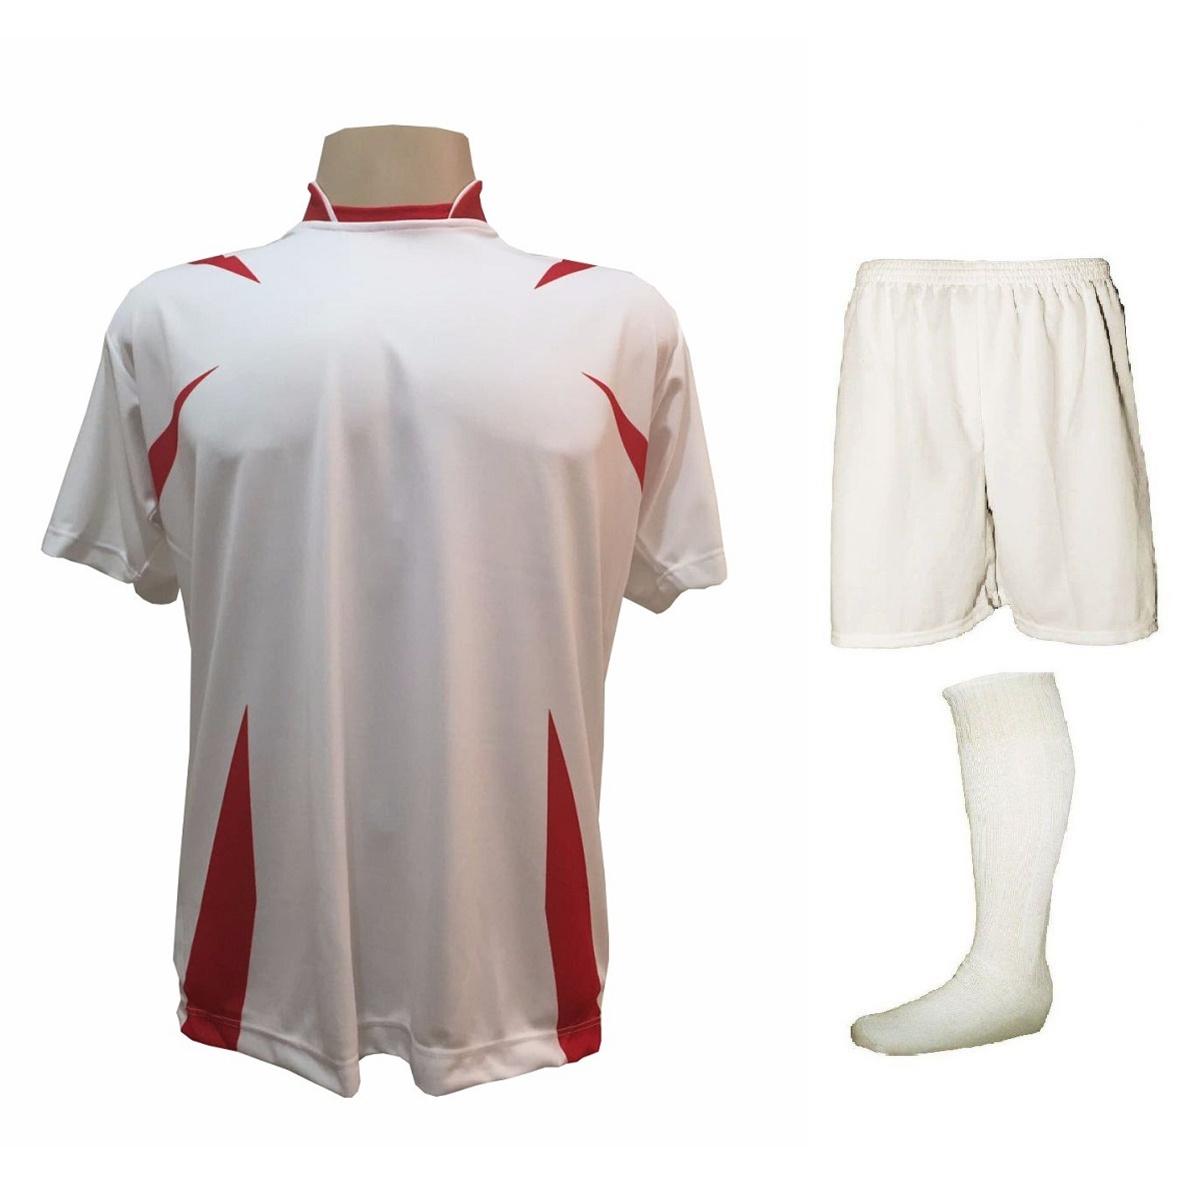 Uniforme Esportivo Completo modelo Palermo 14+1 (14 camisas Branco/Vermelho + 14 calções modelo Madrid Branco + 14 pares de meiões Brancos + 1 conjunto de goleiro) + Brindes